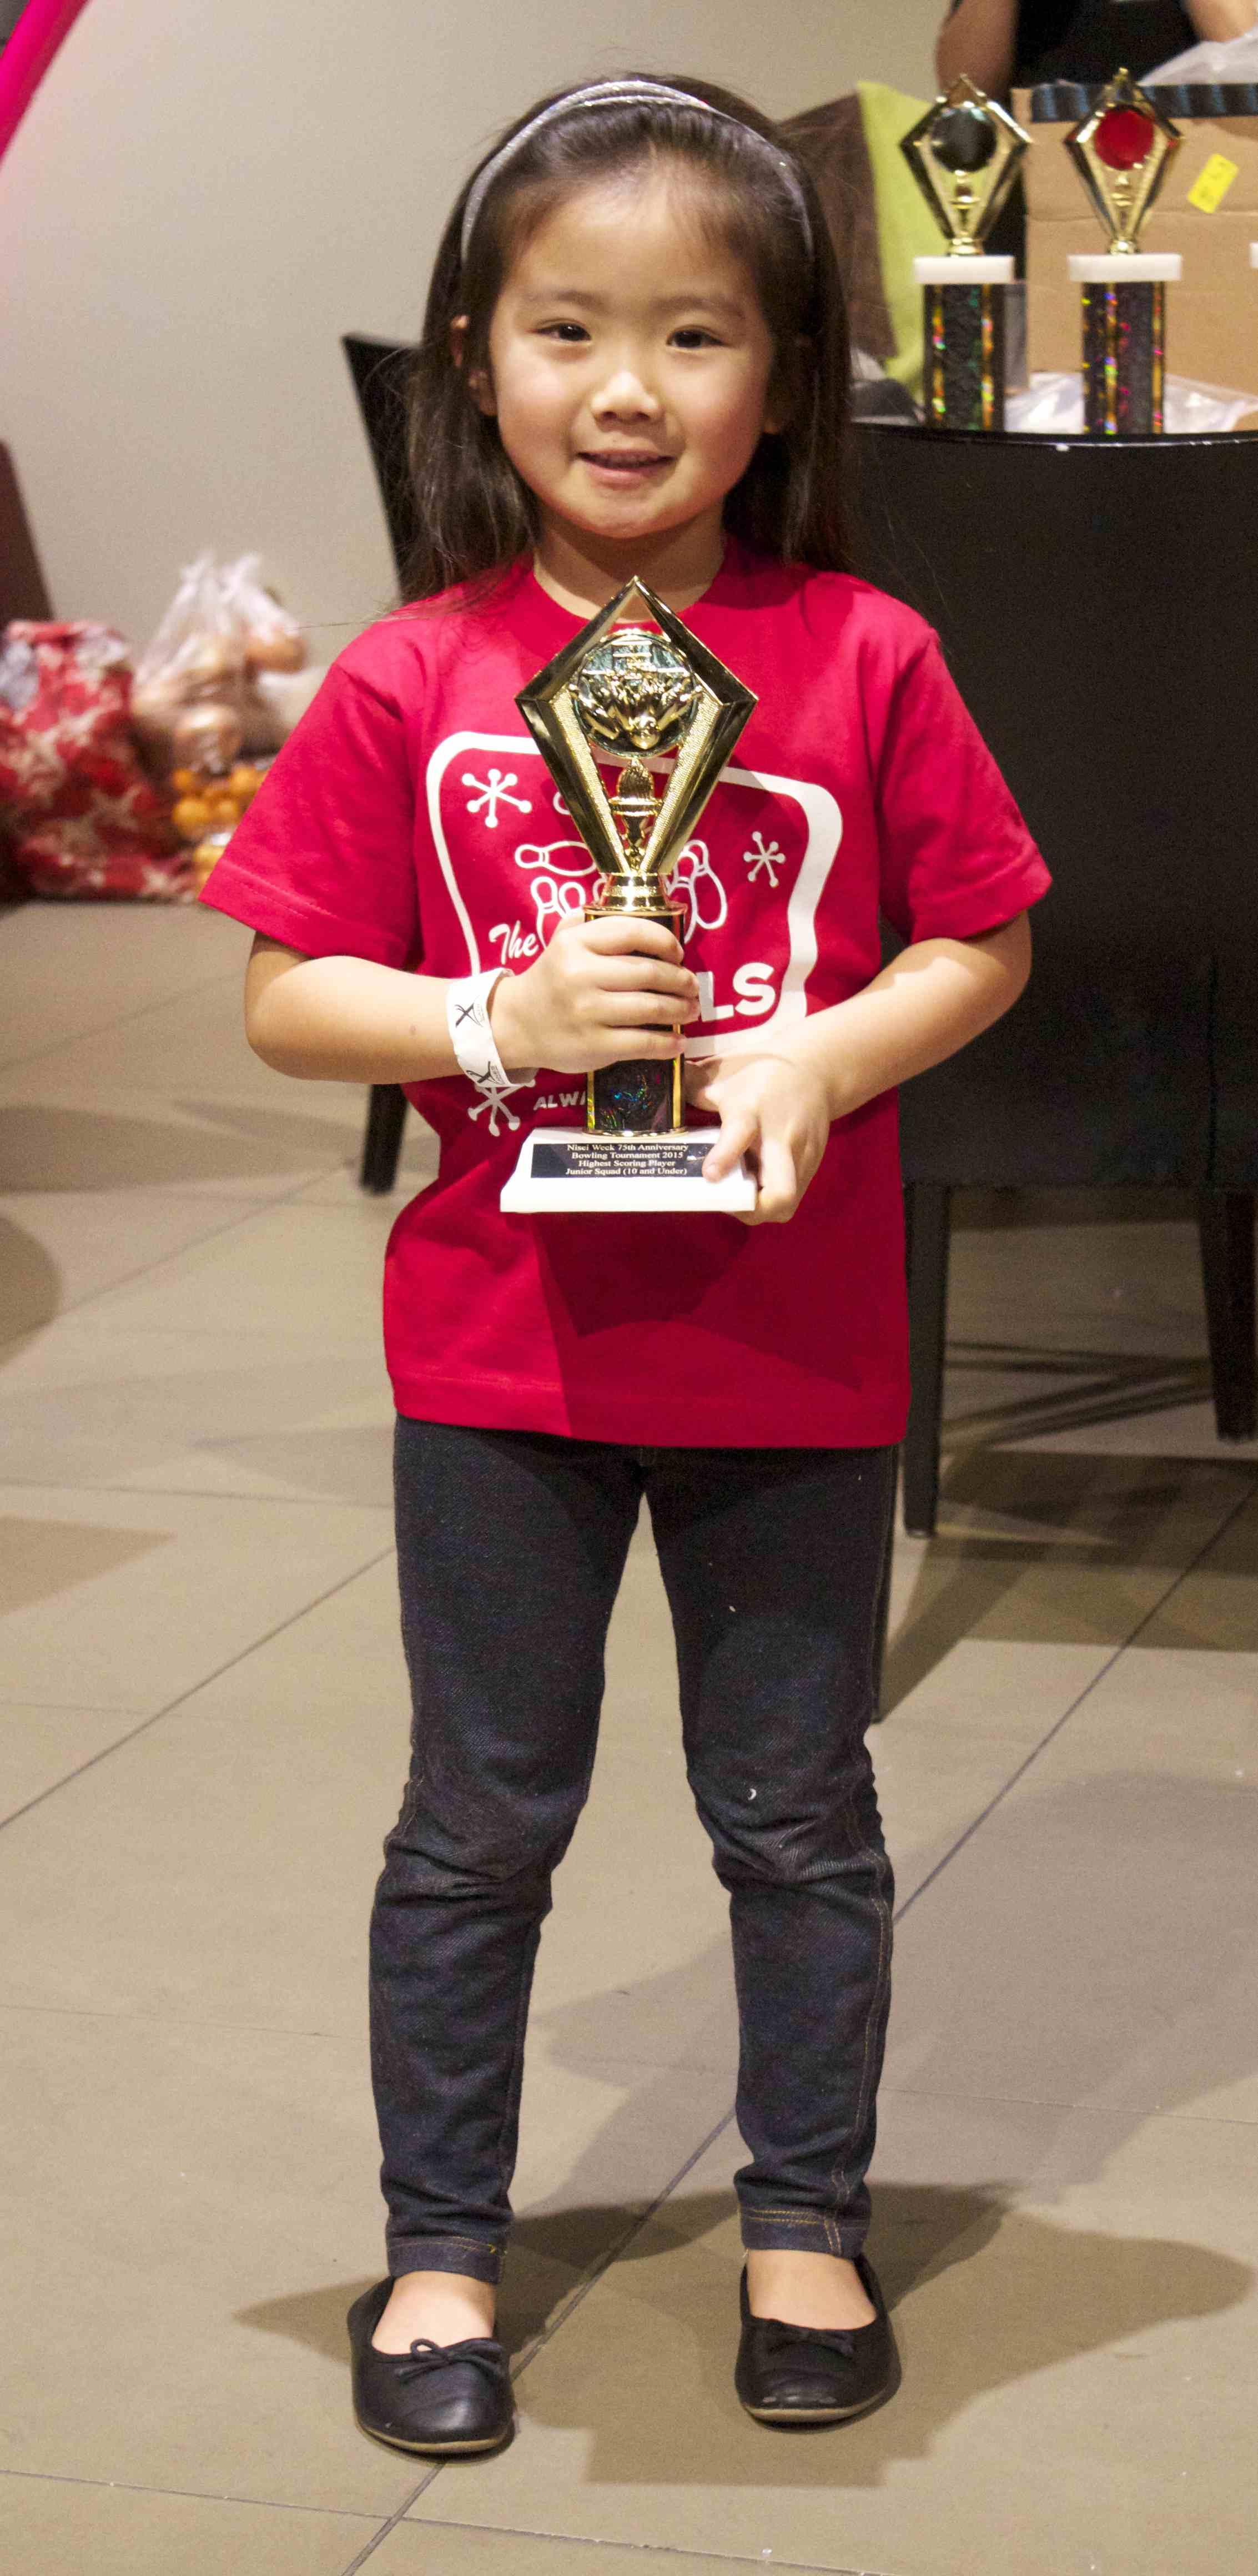 Phrase Junior amateur bowling tournaments